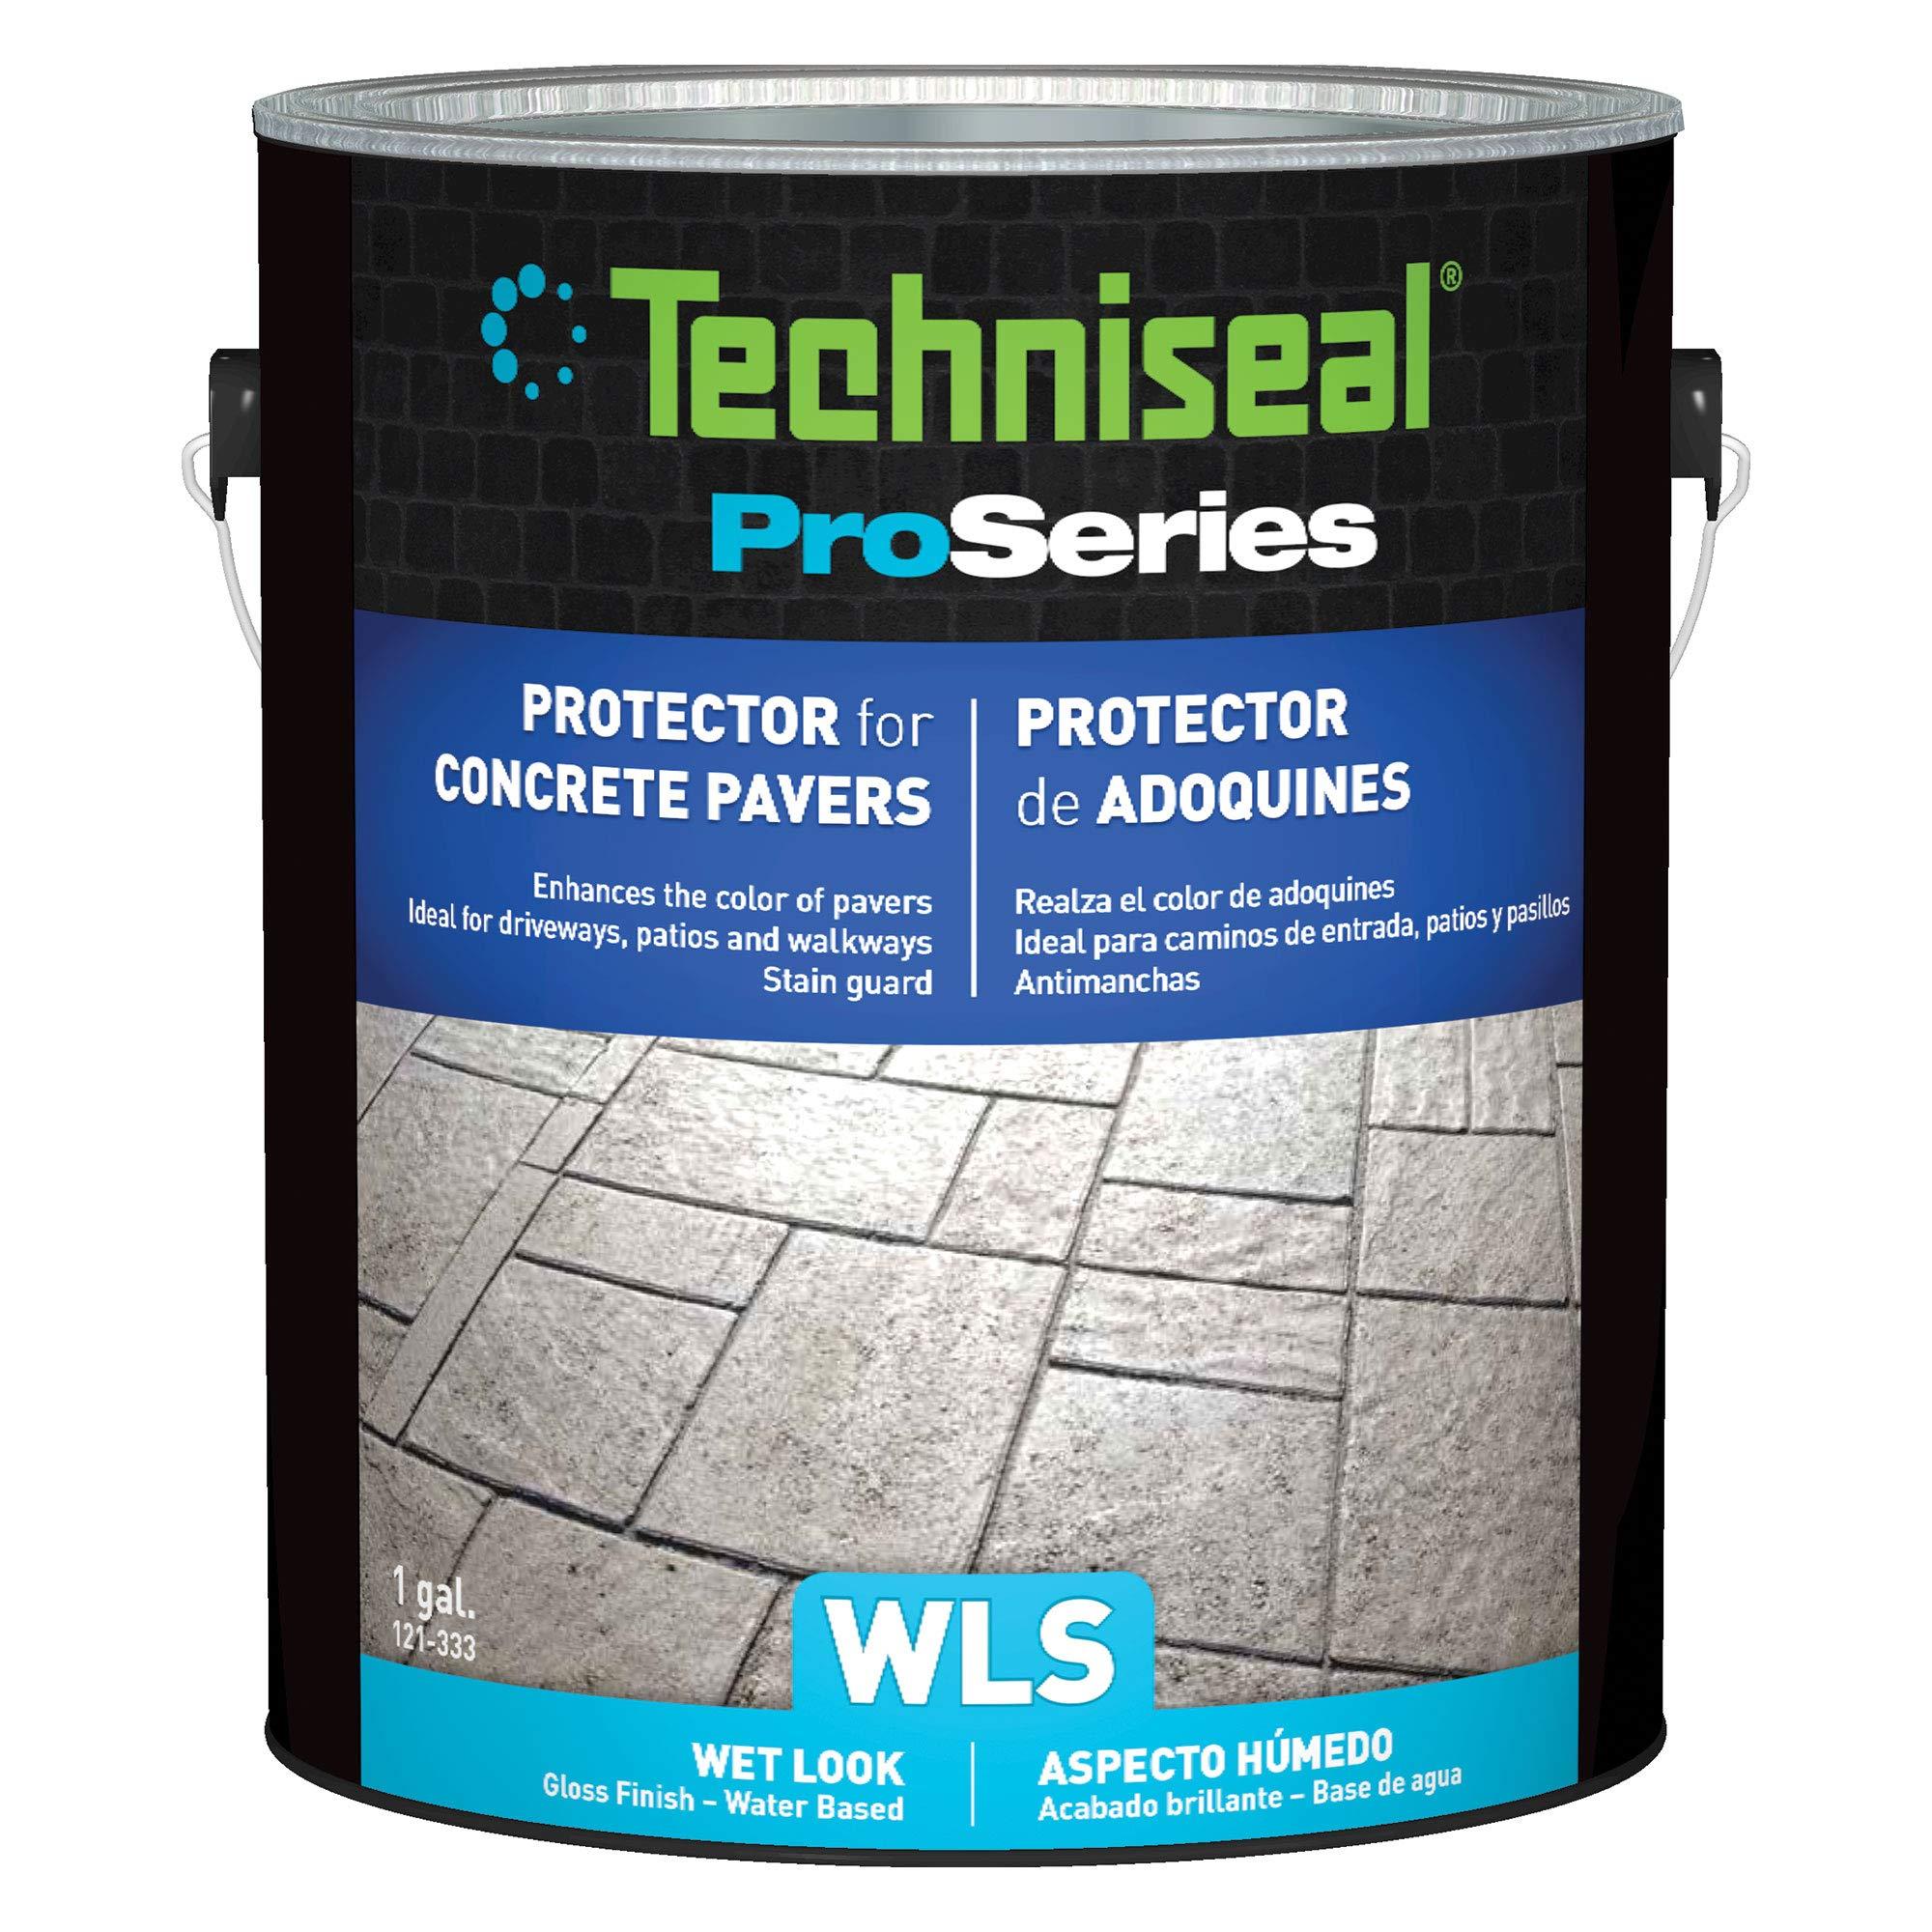 Techniseal WLS Sealer | Concrete Paver Sealant | Wet Look Finish (1 Gallon)